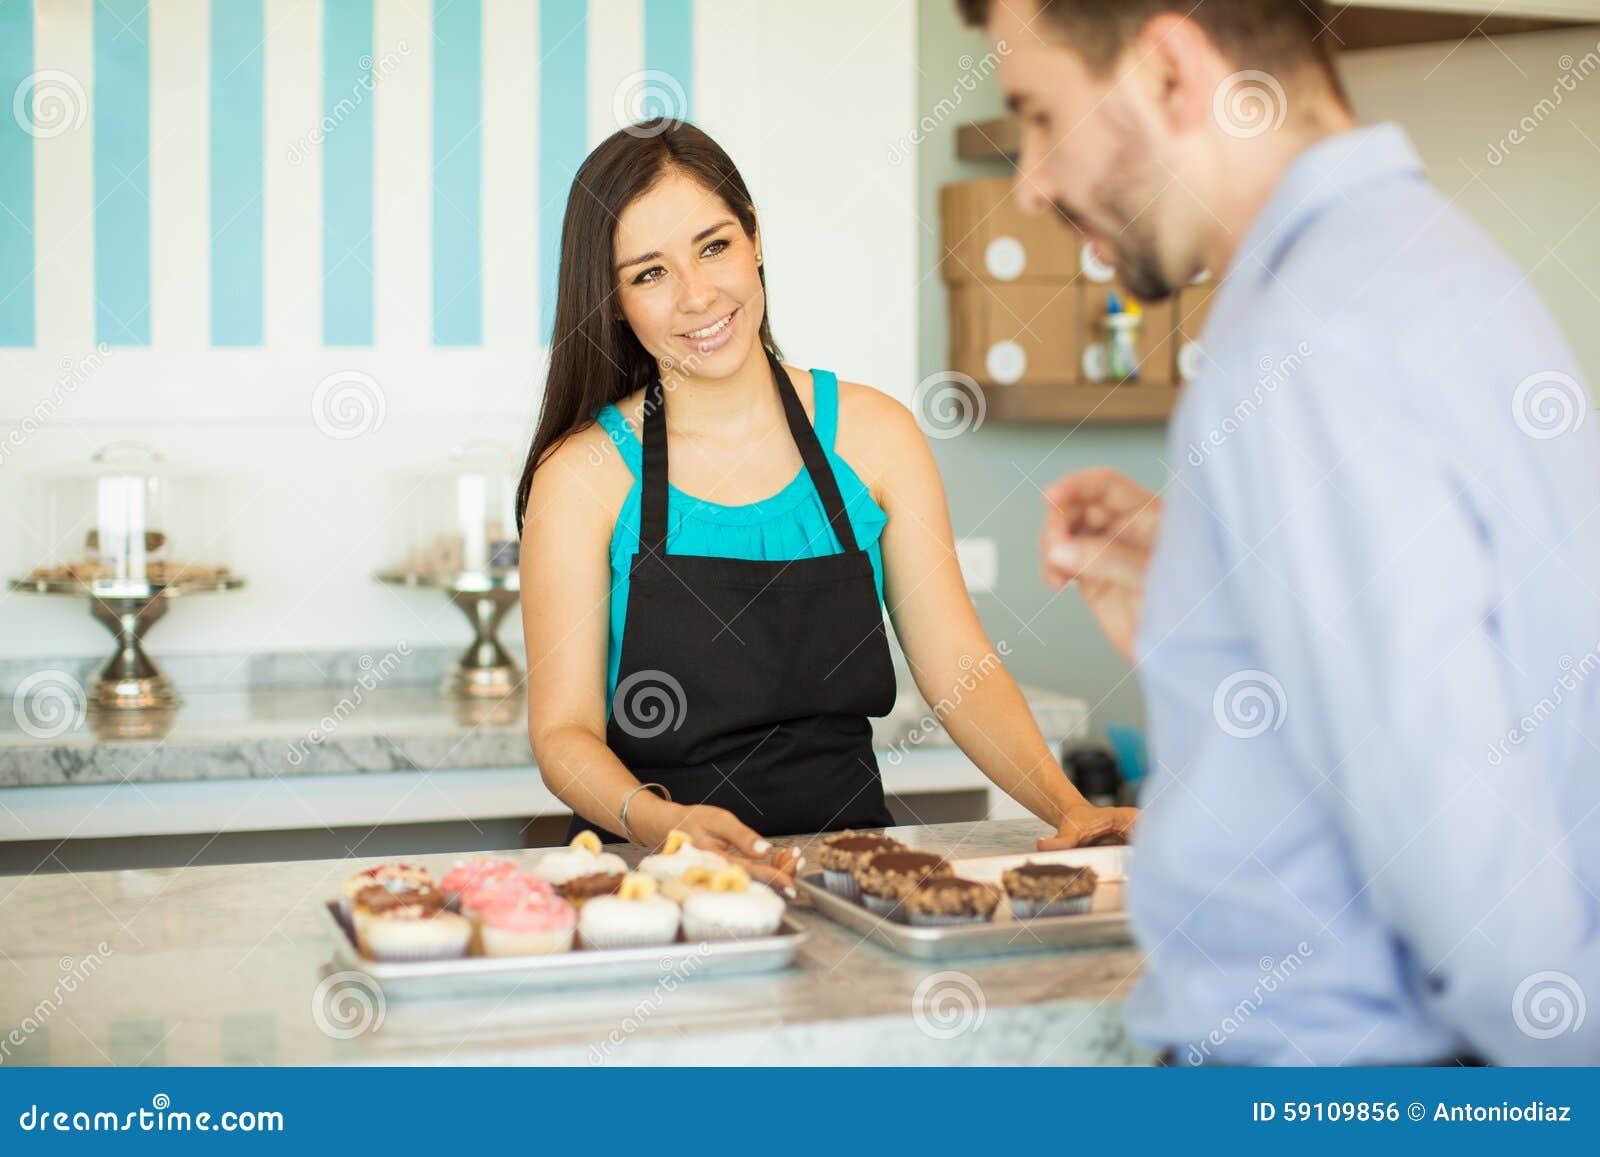 蛋糕显示杯形蛋糕的商店雇员